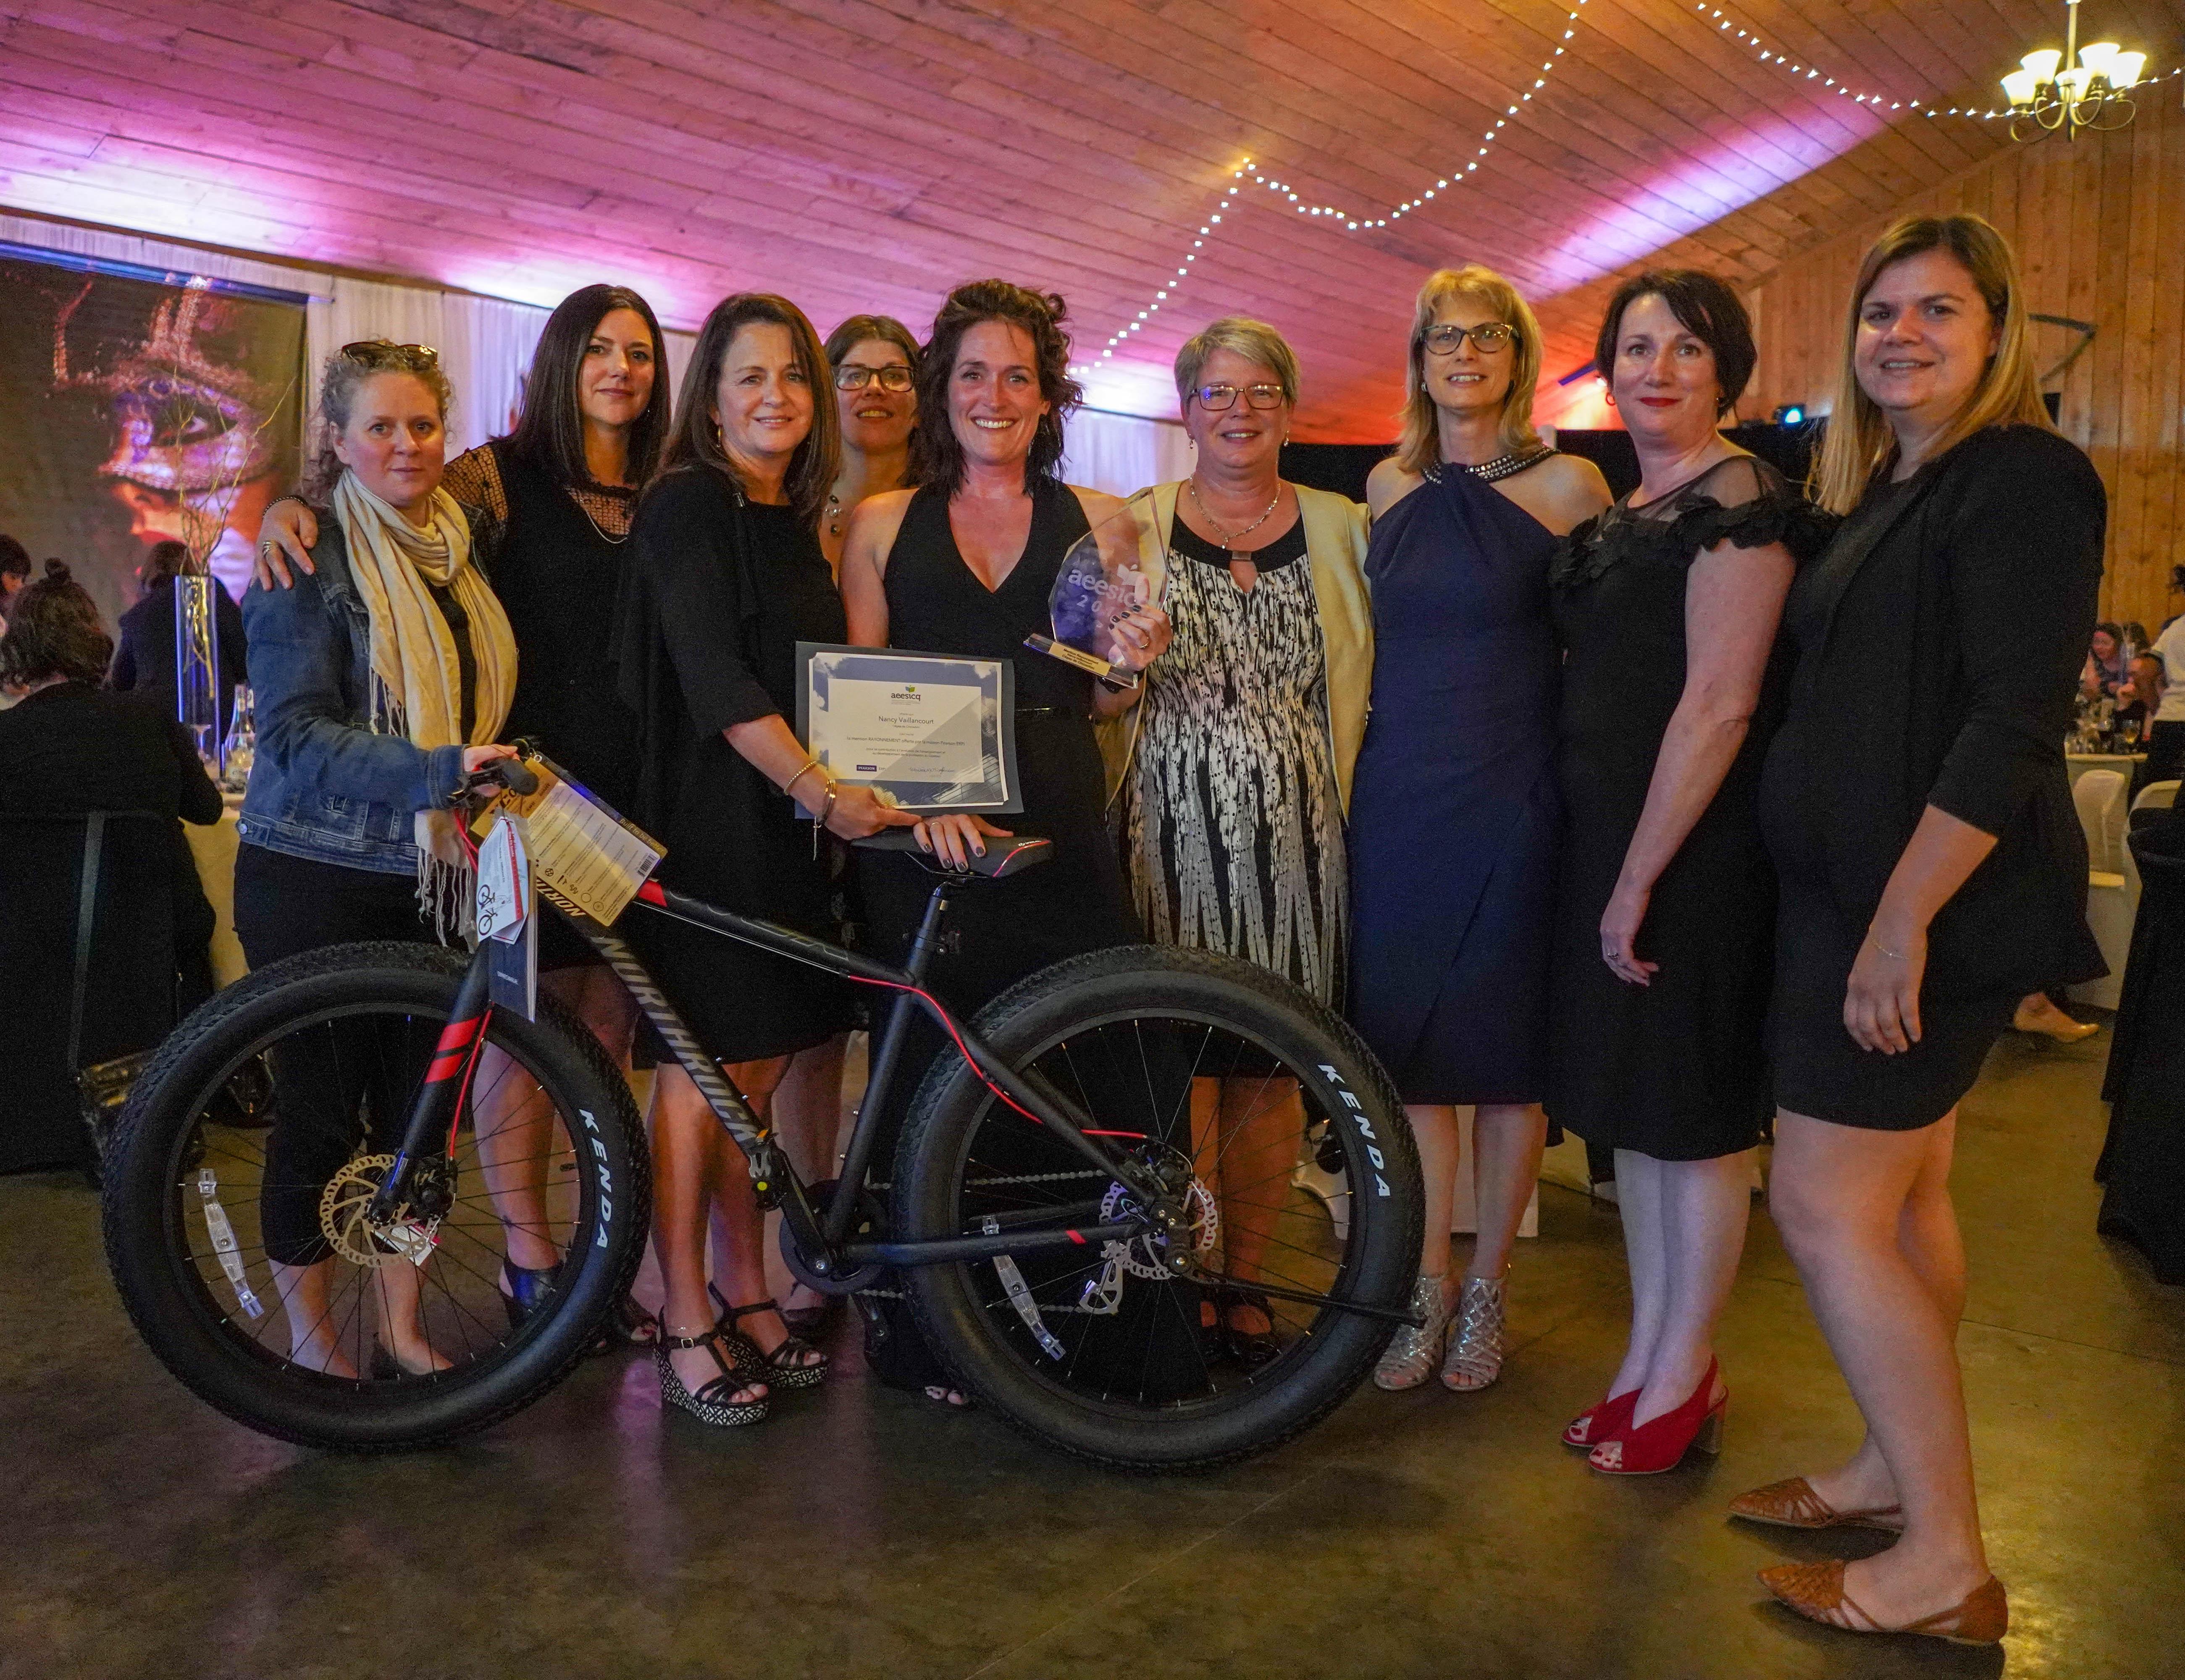 Photo portrait de neuf femmes représentants l'Association des enseignantes et enseignants en soins infirmiers des collèges du Québec, ainsi que la collaboration de Pearson ERPI. Au milieu se trouve la gagnante Nancy Vaillancourt avec ses prix et un vélo.